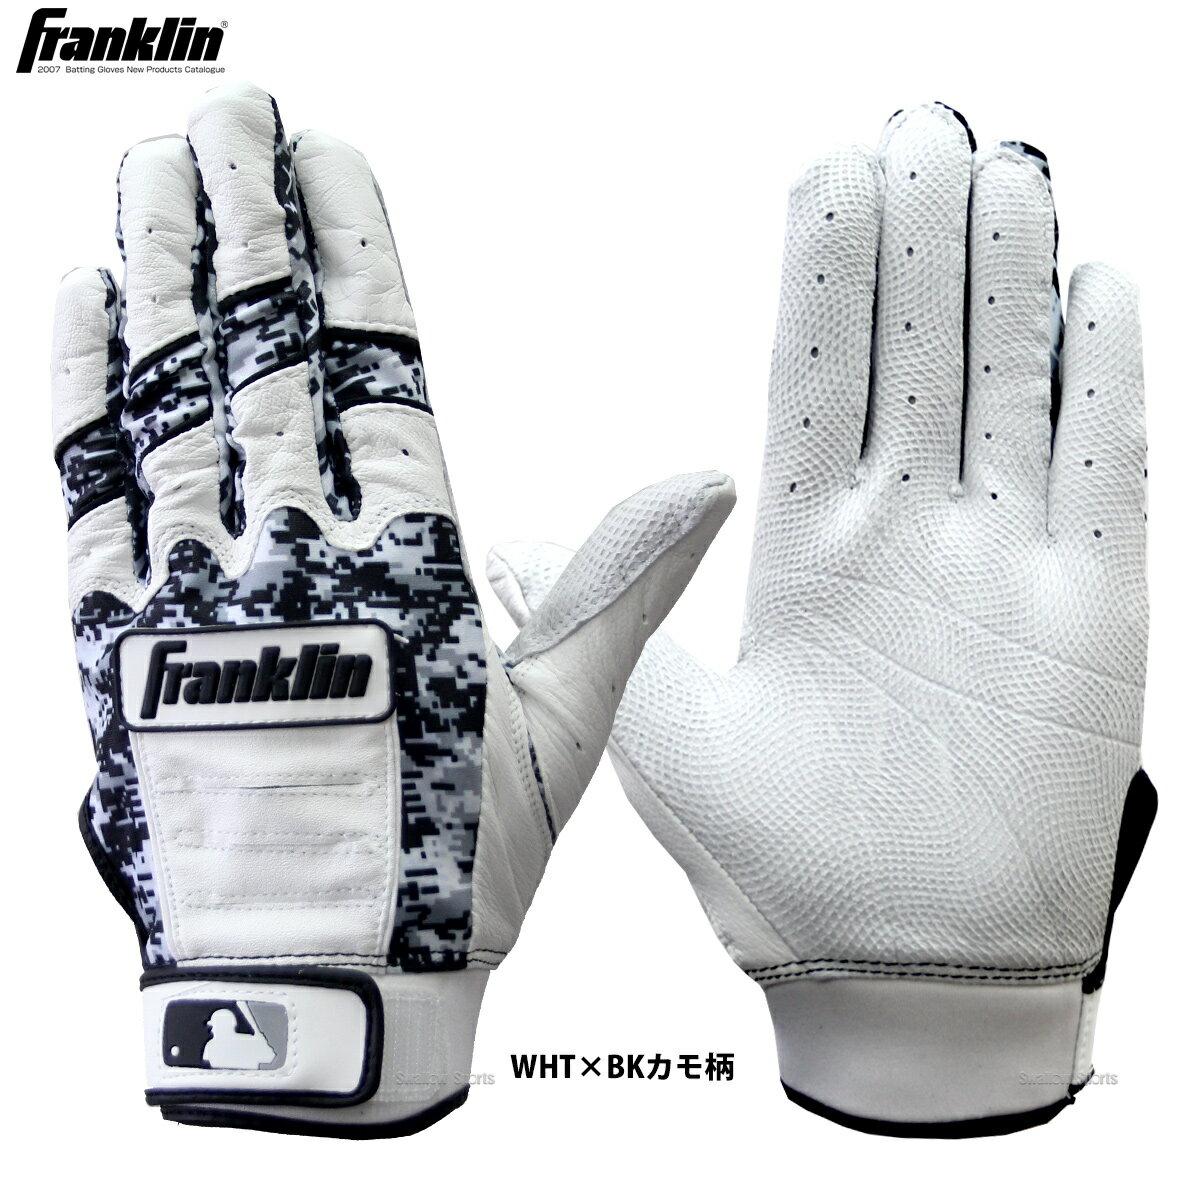 フランクリン バッティンググローブ CFXモデル 両手用 20637 手袋 バッティンググローブ 手袋 野球部 野球用品 スワロースポーツ